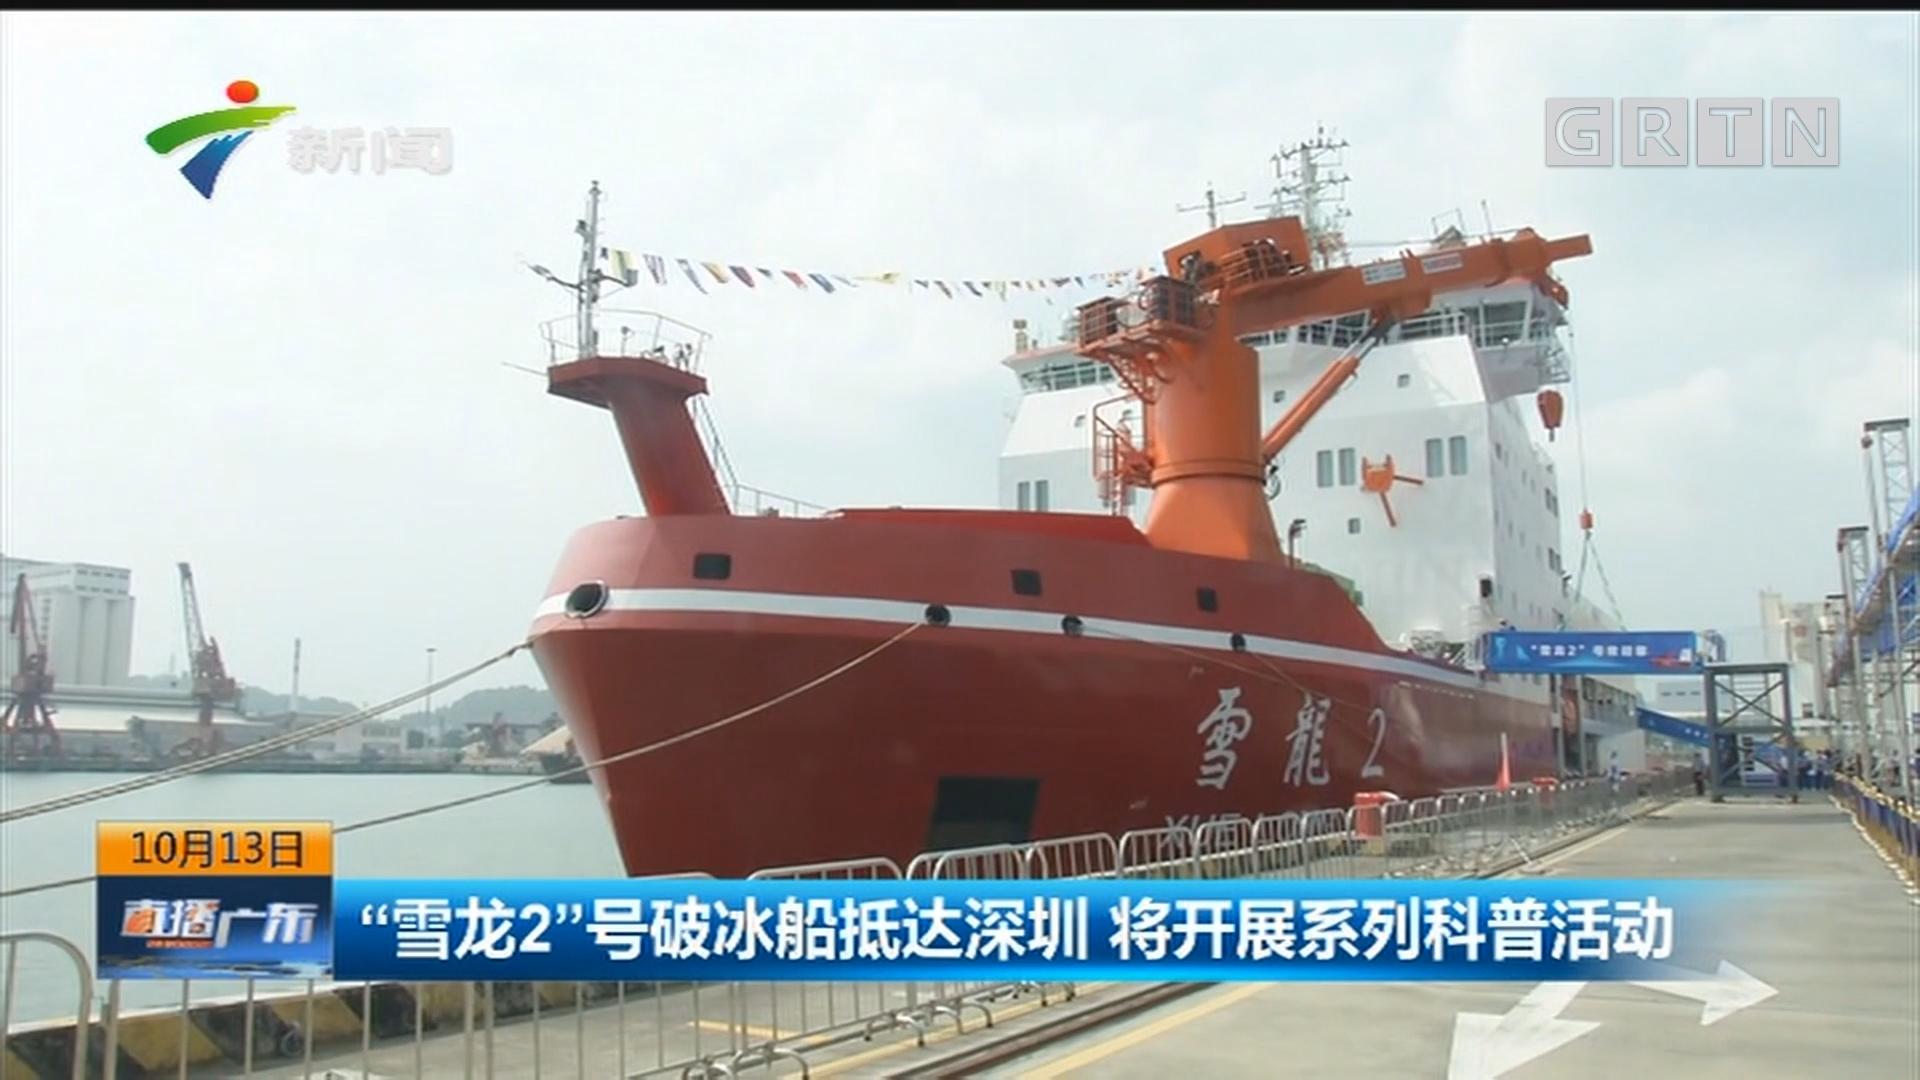 """""""雪龙2""""号破冰船抵达深圳 将开展系列科普活动"""